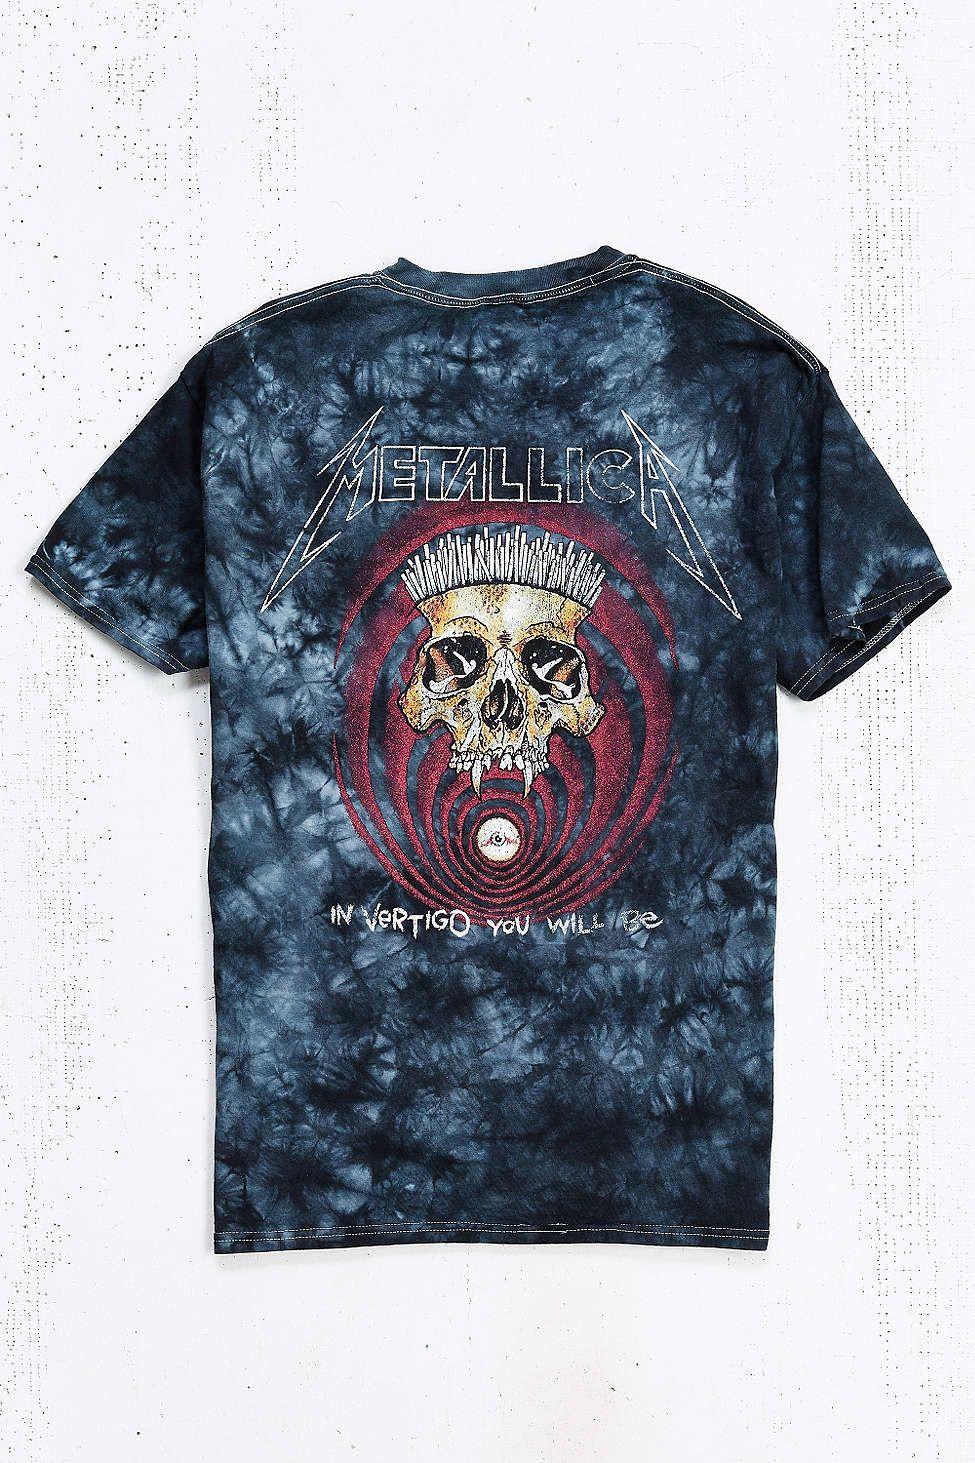 68af47e8 Metallica Pushead Tie-Dye Tee | ME. | Metallica t shirt, Metallica ...